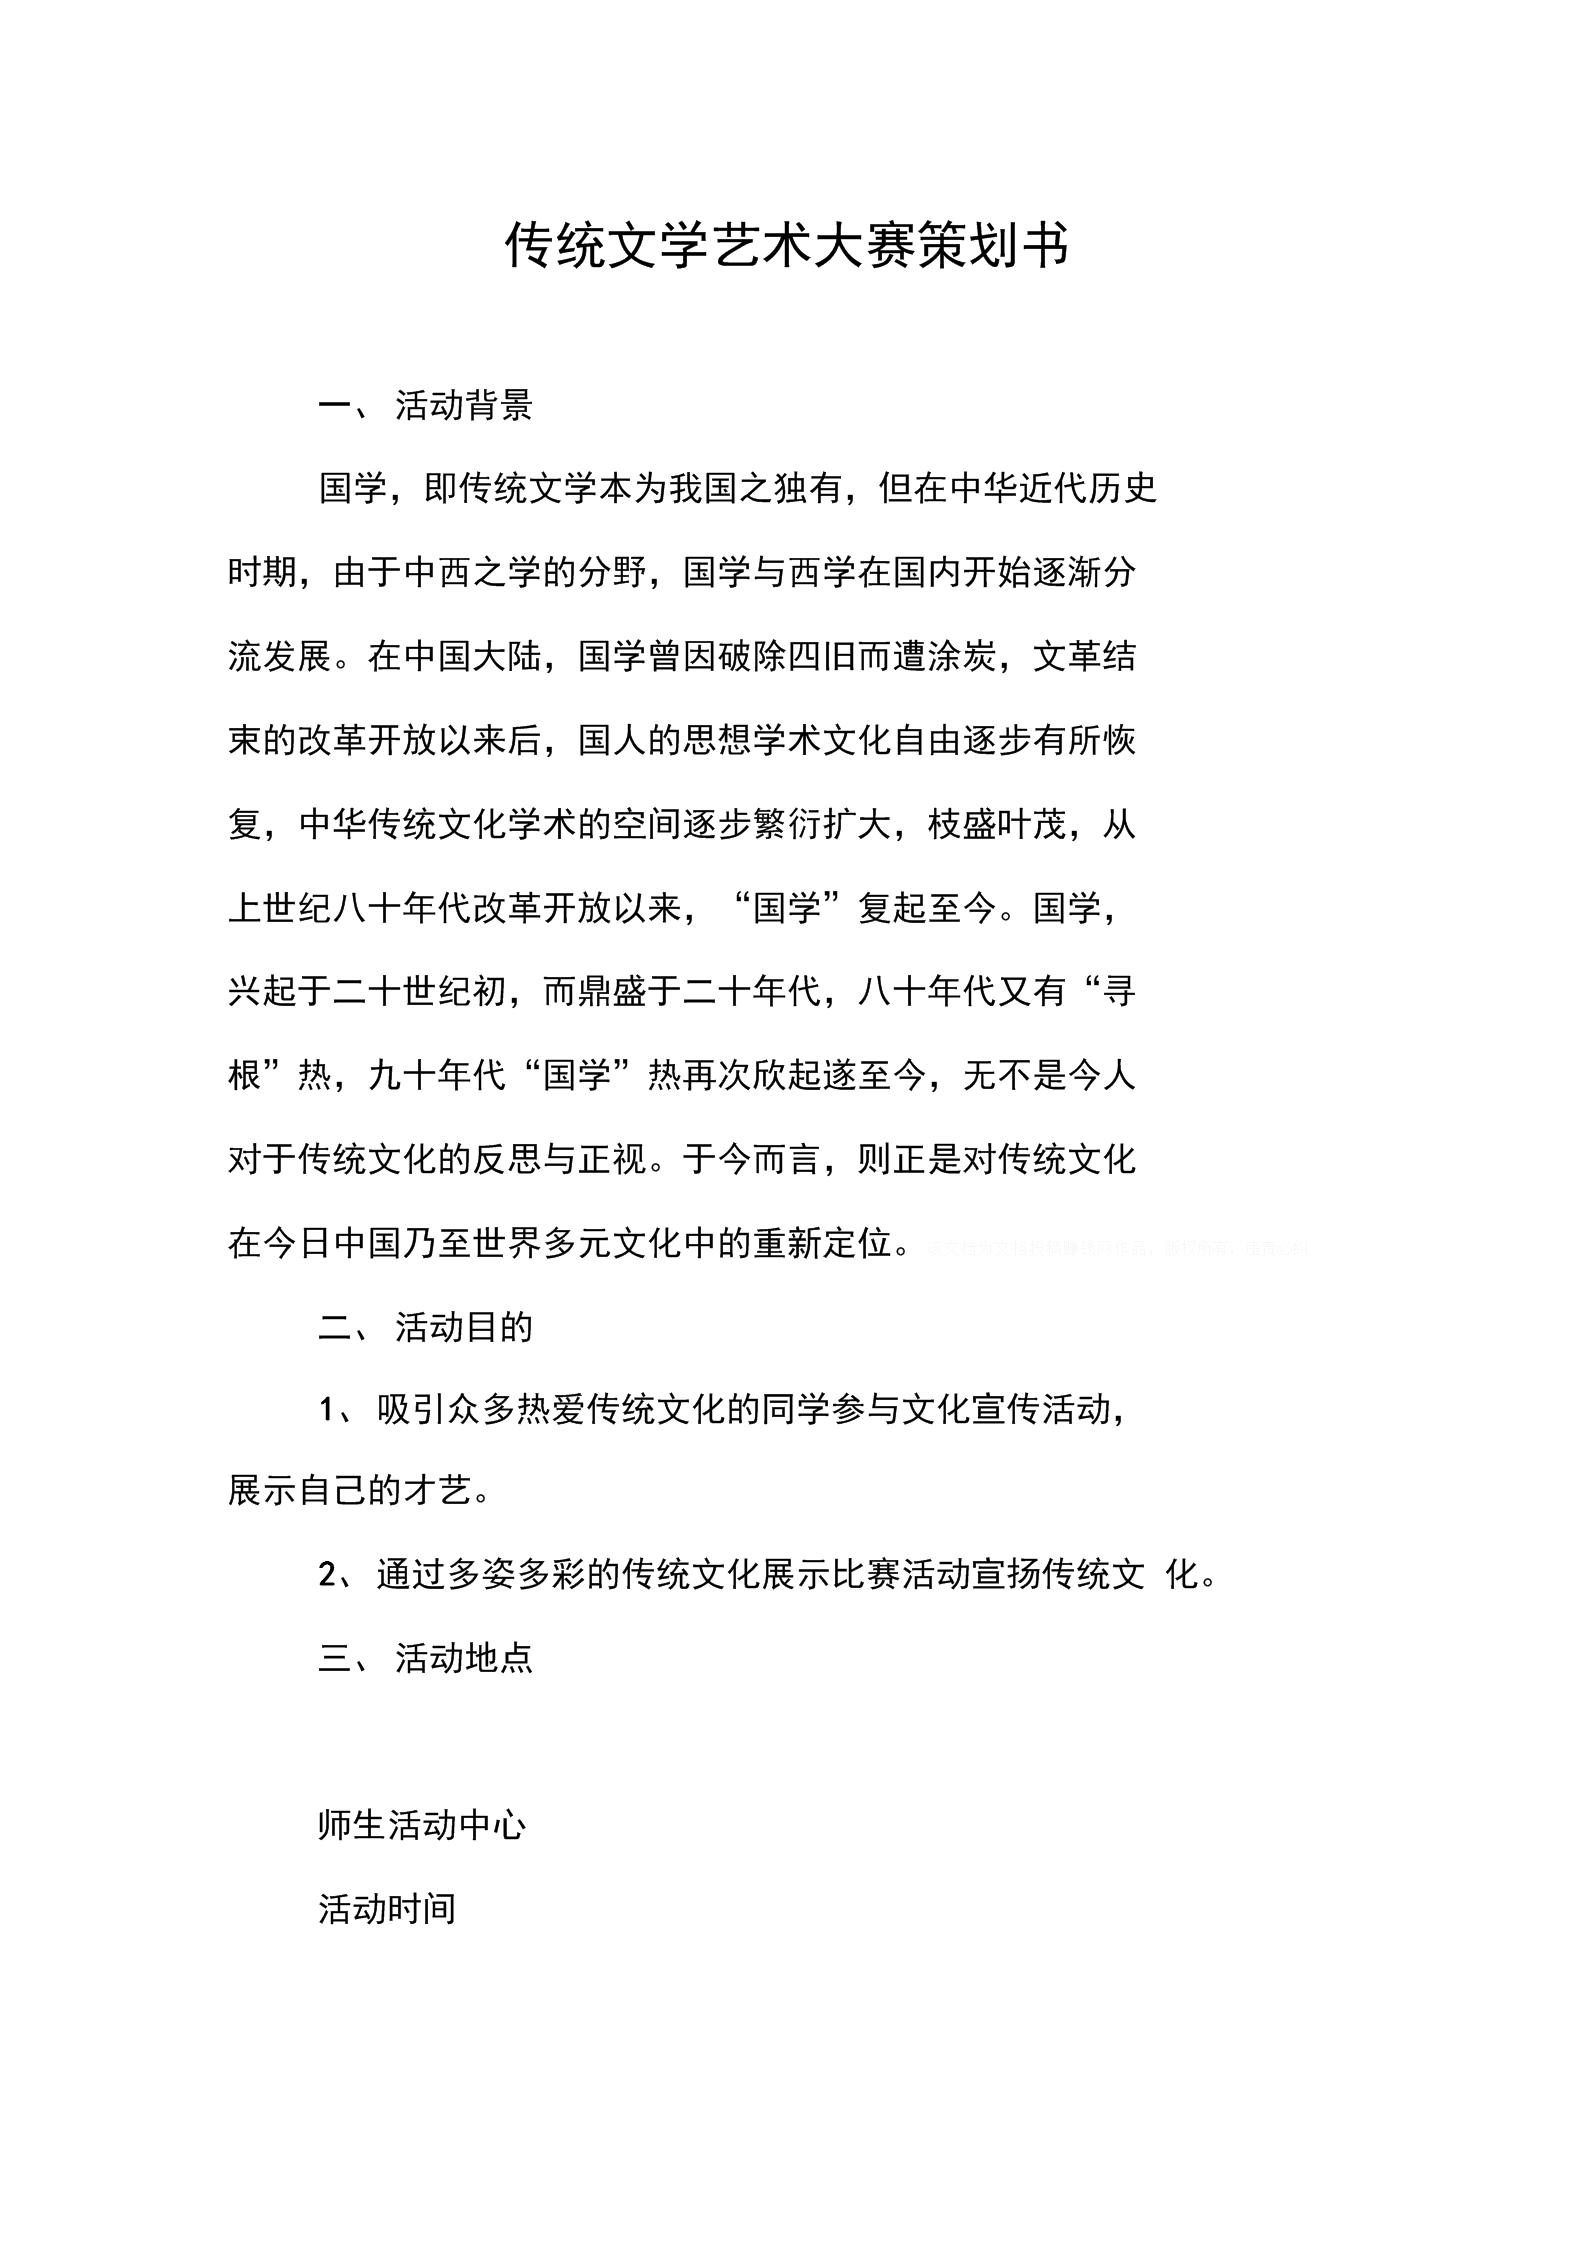 传统文学艺术大赛策划书.docx